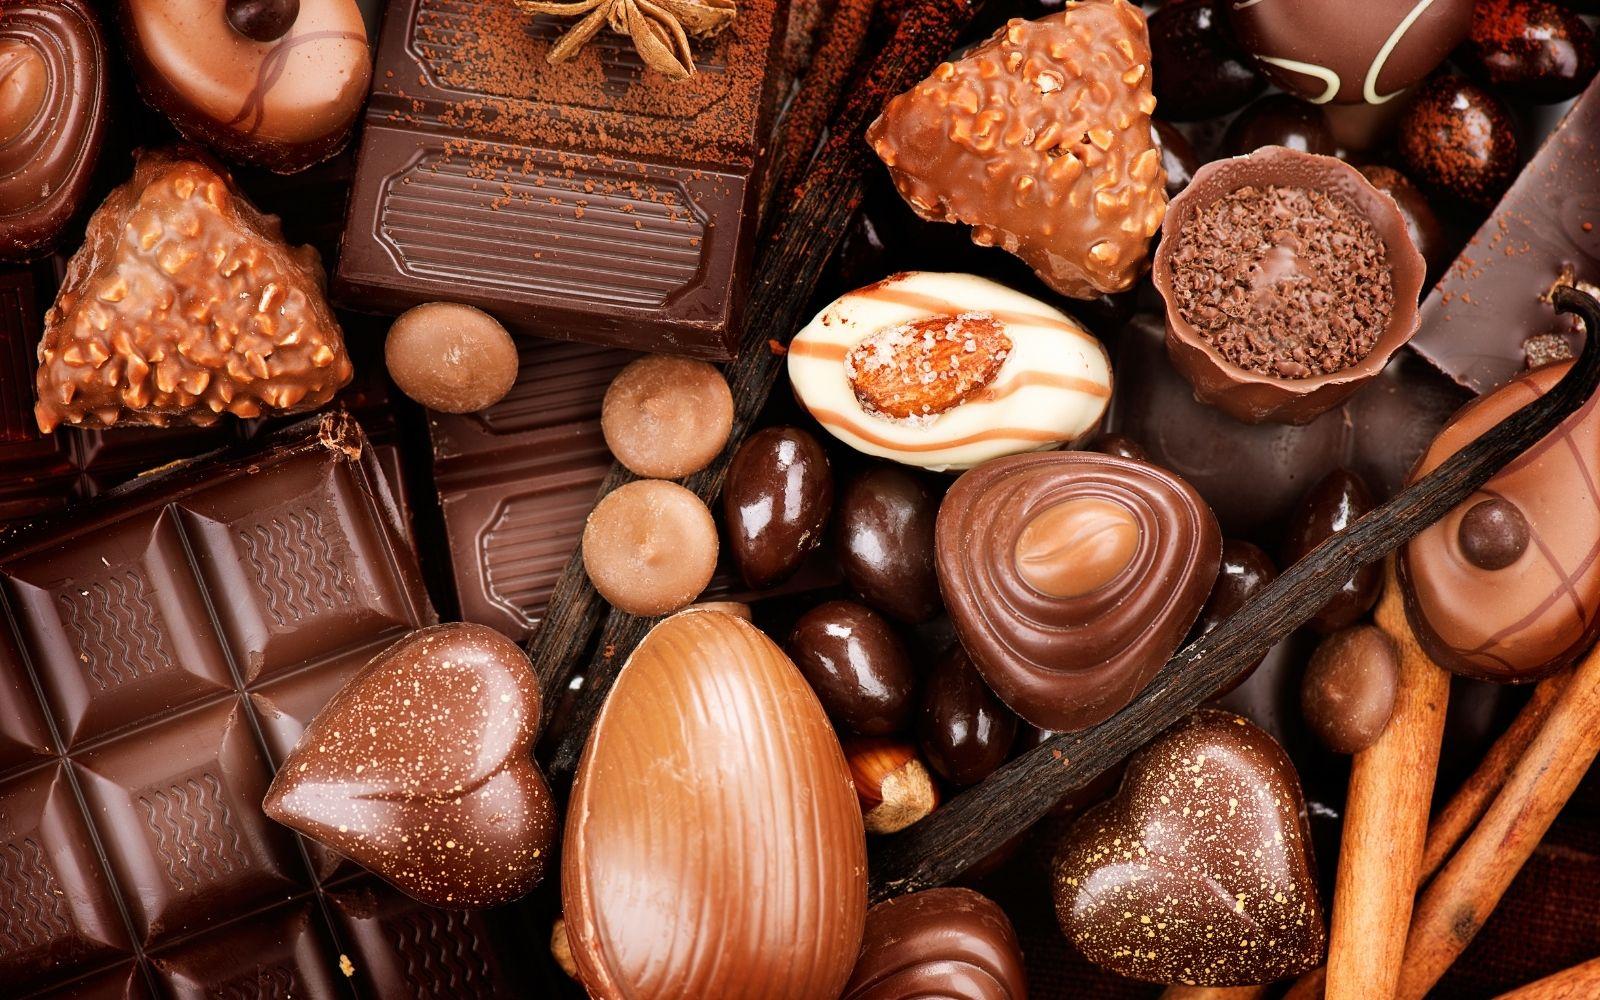 Apaixão mundialé feita de chocolate